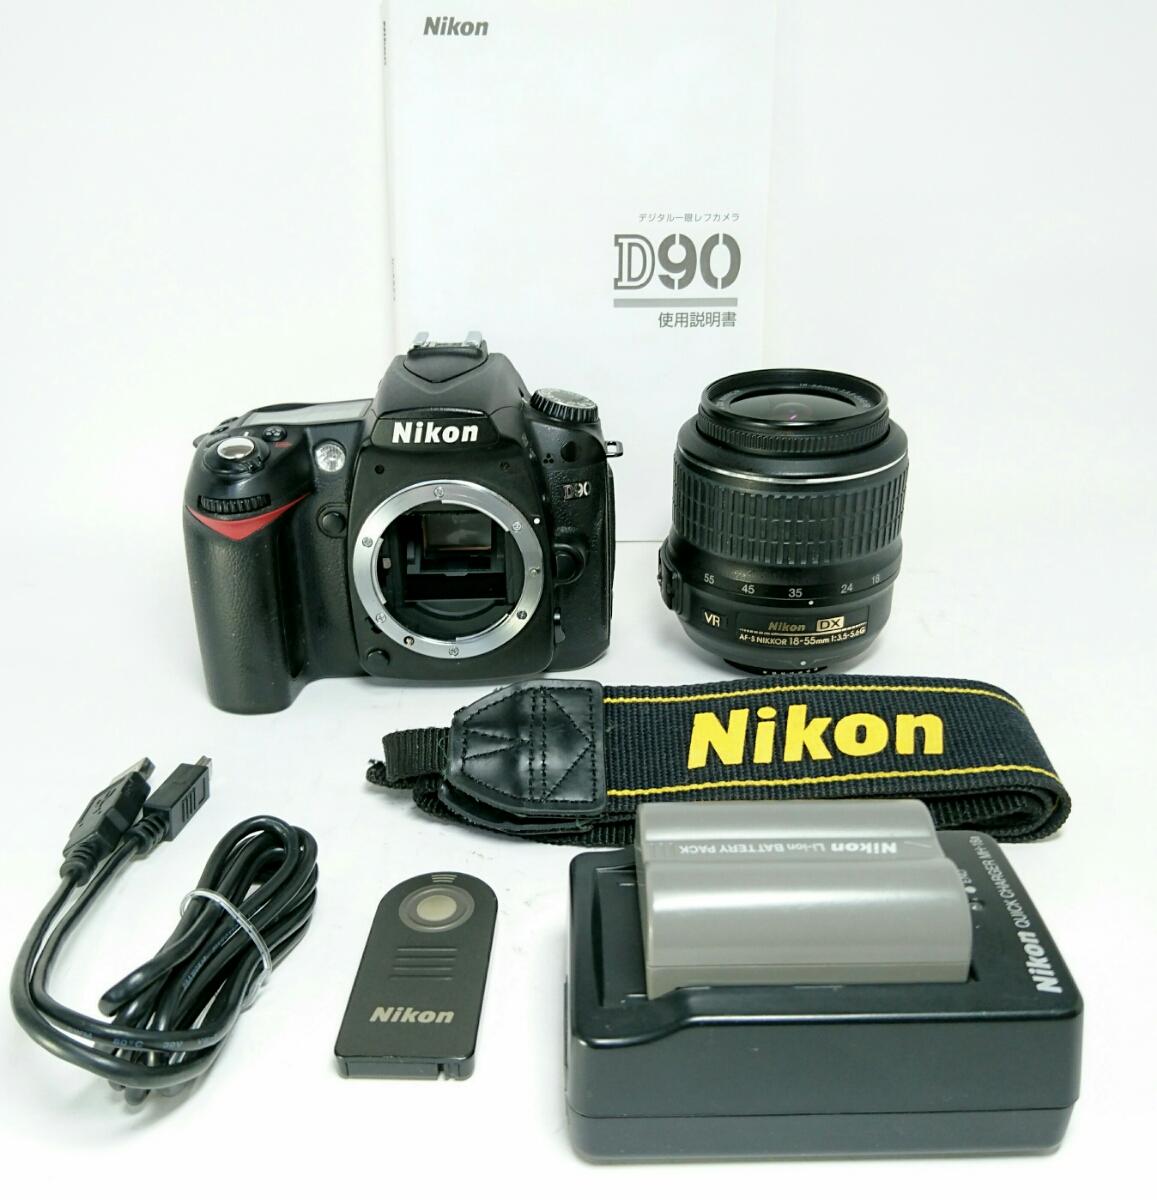 ★人気一眼レフ中級機★Nikon ニコン D90 18-55 VR レンズセット